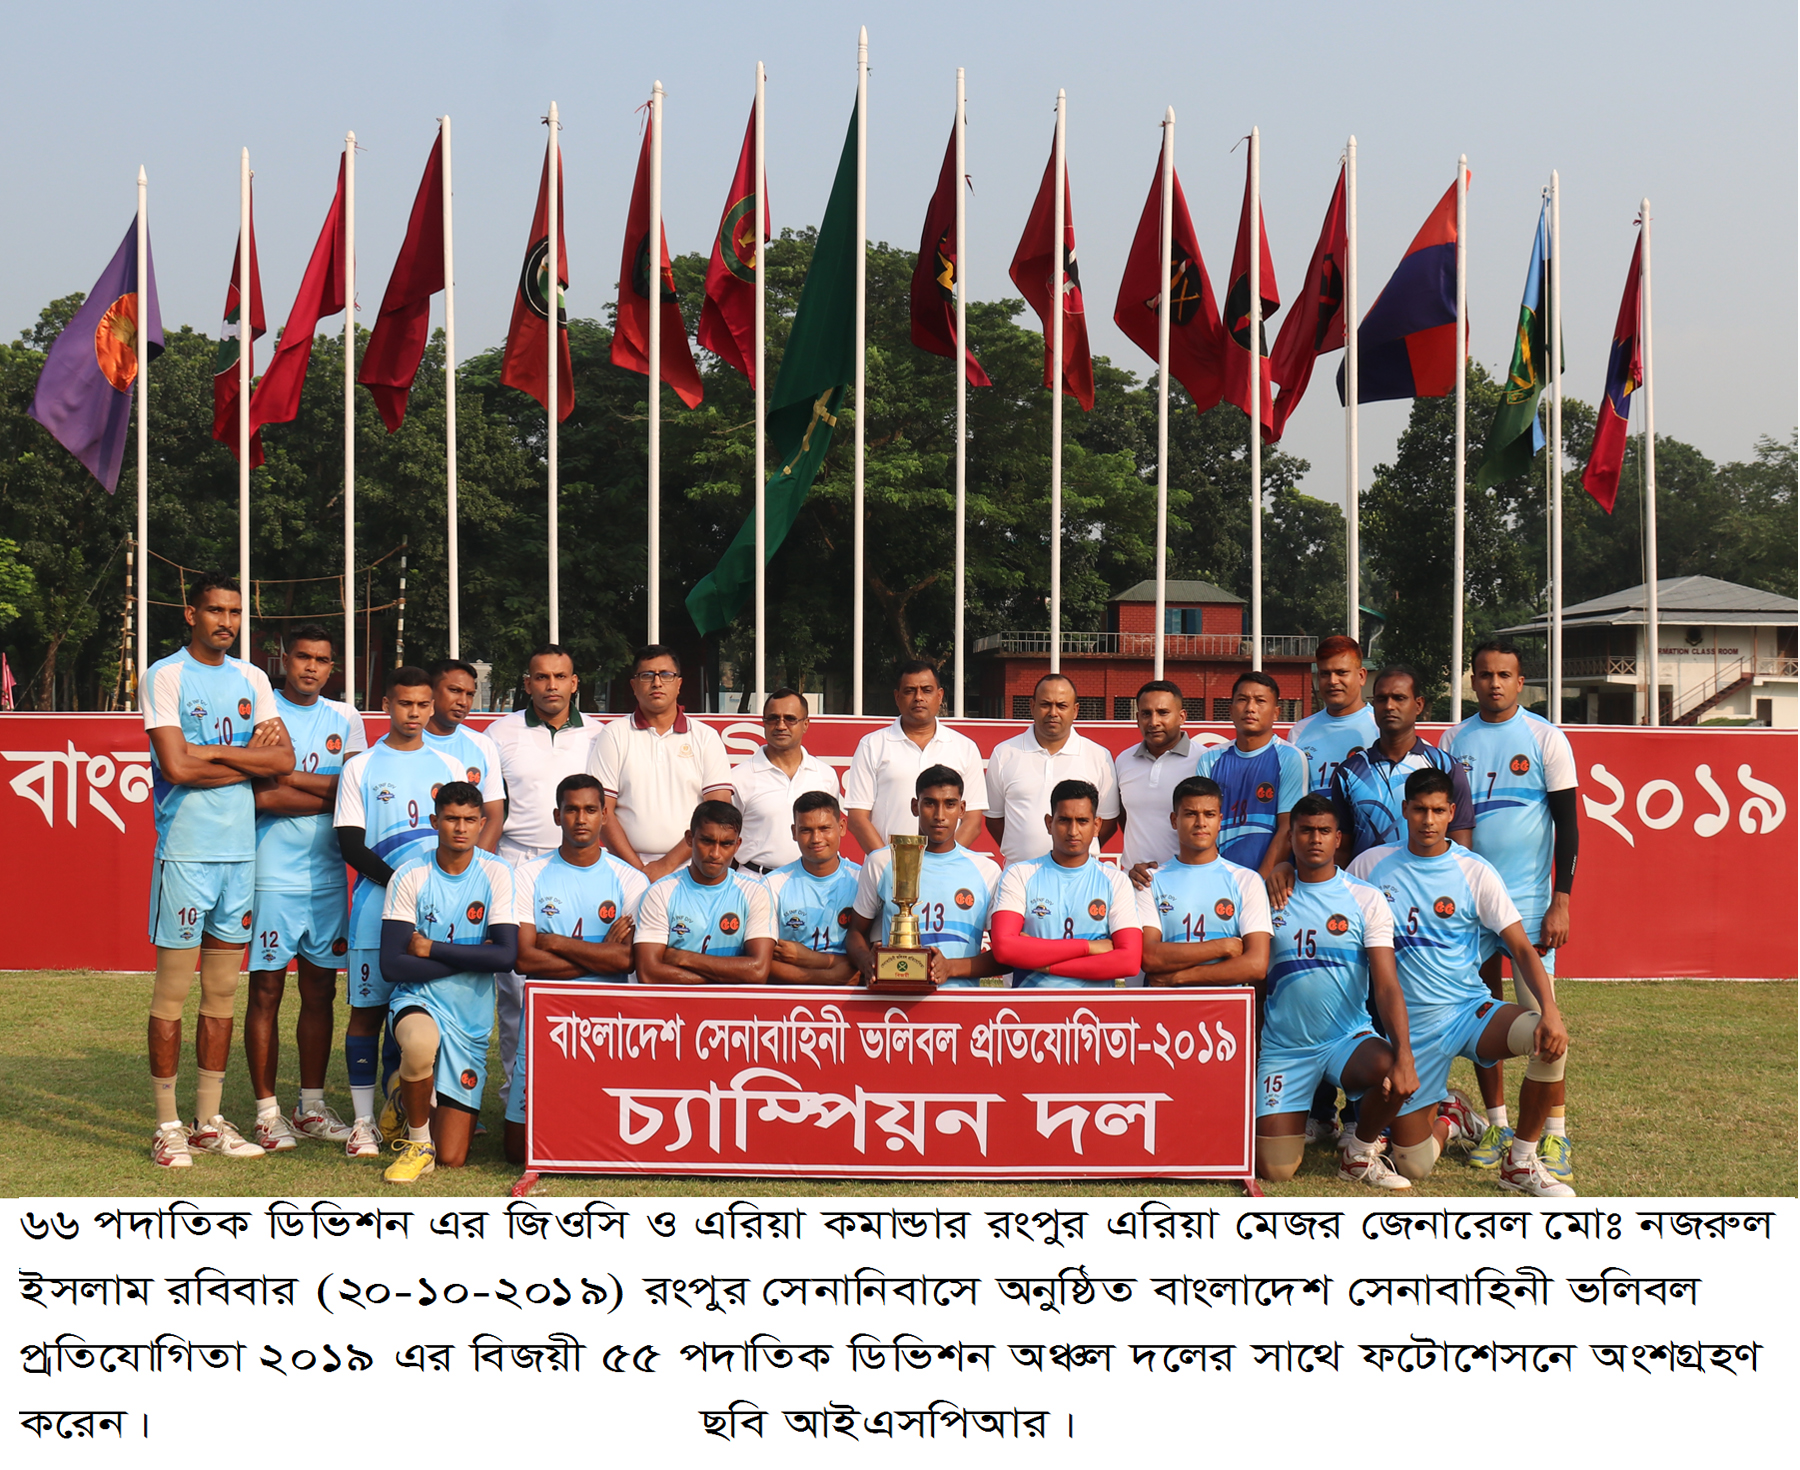 বাংলাদেশ সেনাবাহিনী ভলিবল প্রতিযোগিতা ২০১৯ সমাপ্ত